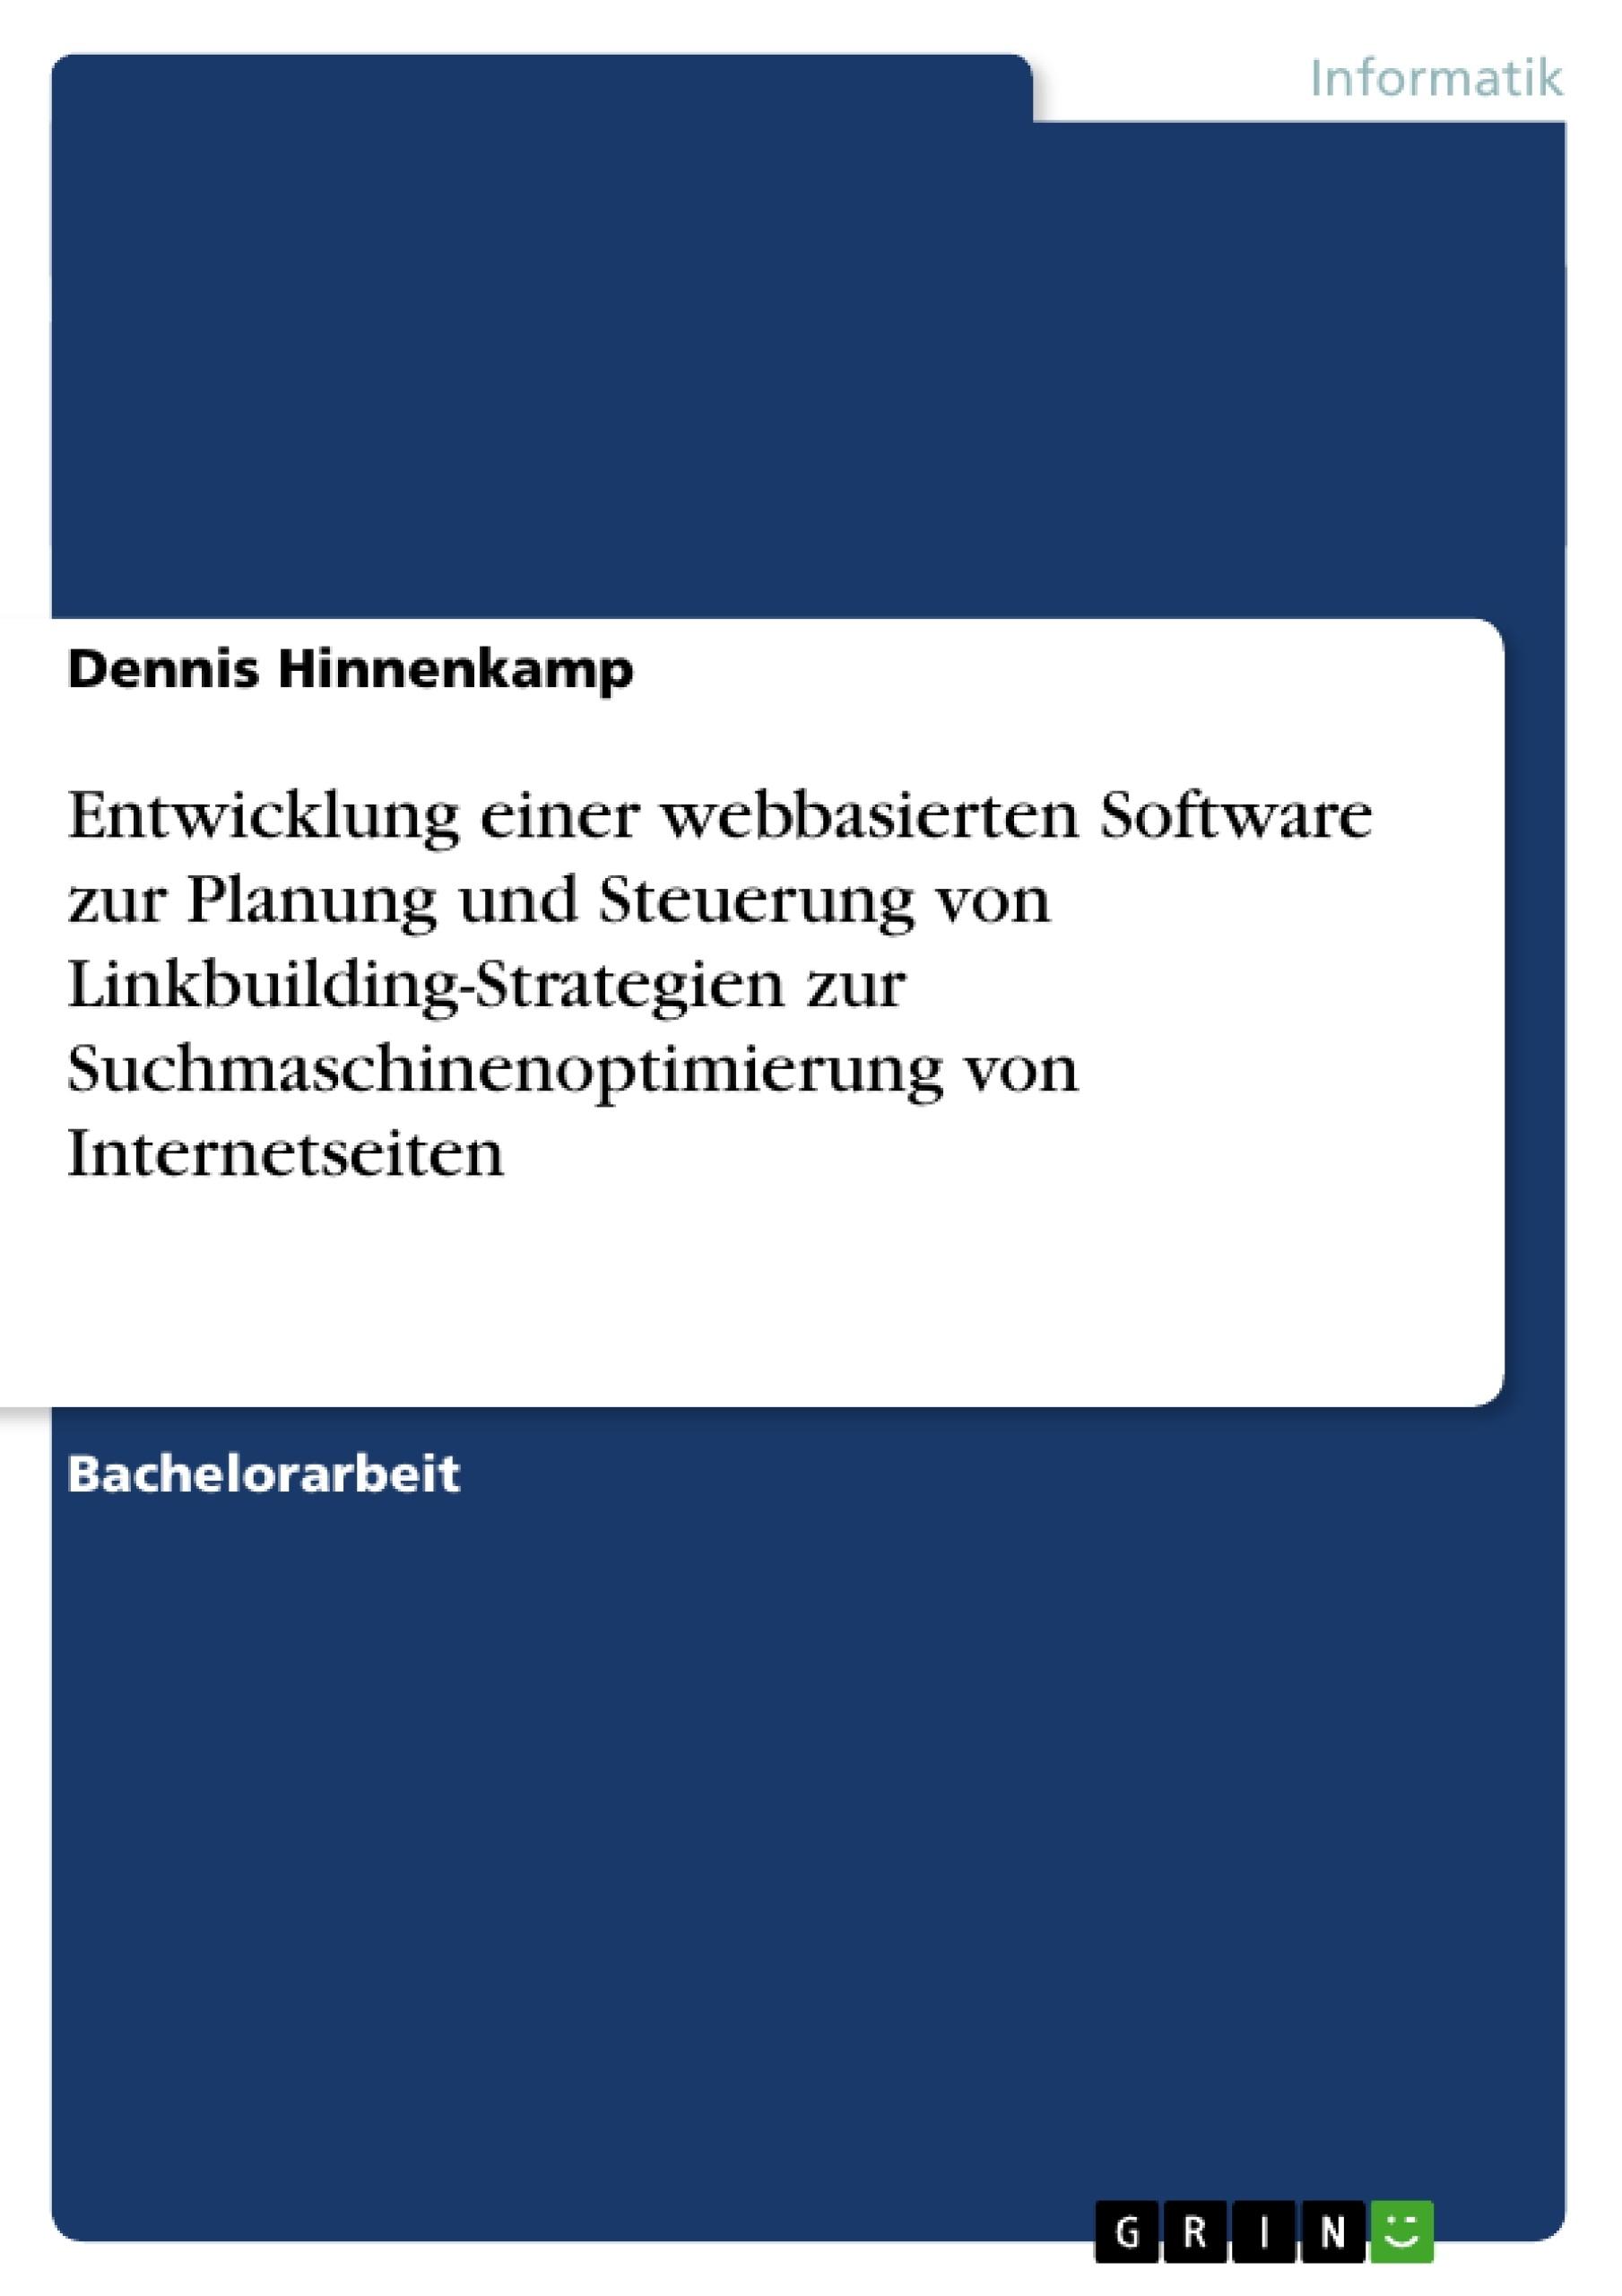 Titel: Entwicklung einer webbasierten Software zur Planung und Steuerung von Linkbuilding-Strategien zur Suchmaschinenoptimierung von Internetseiten